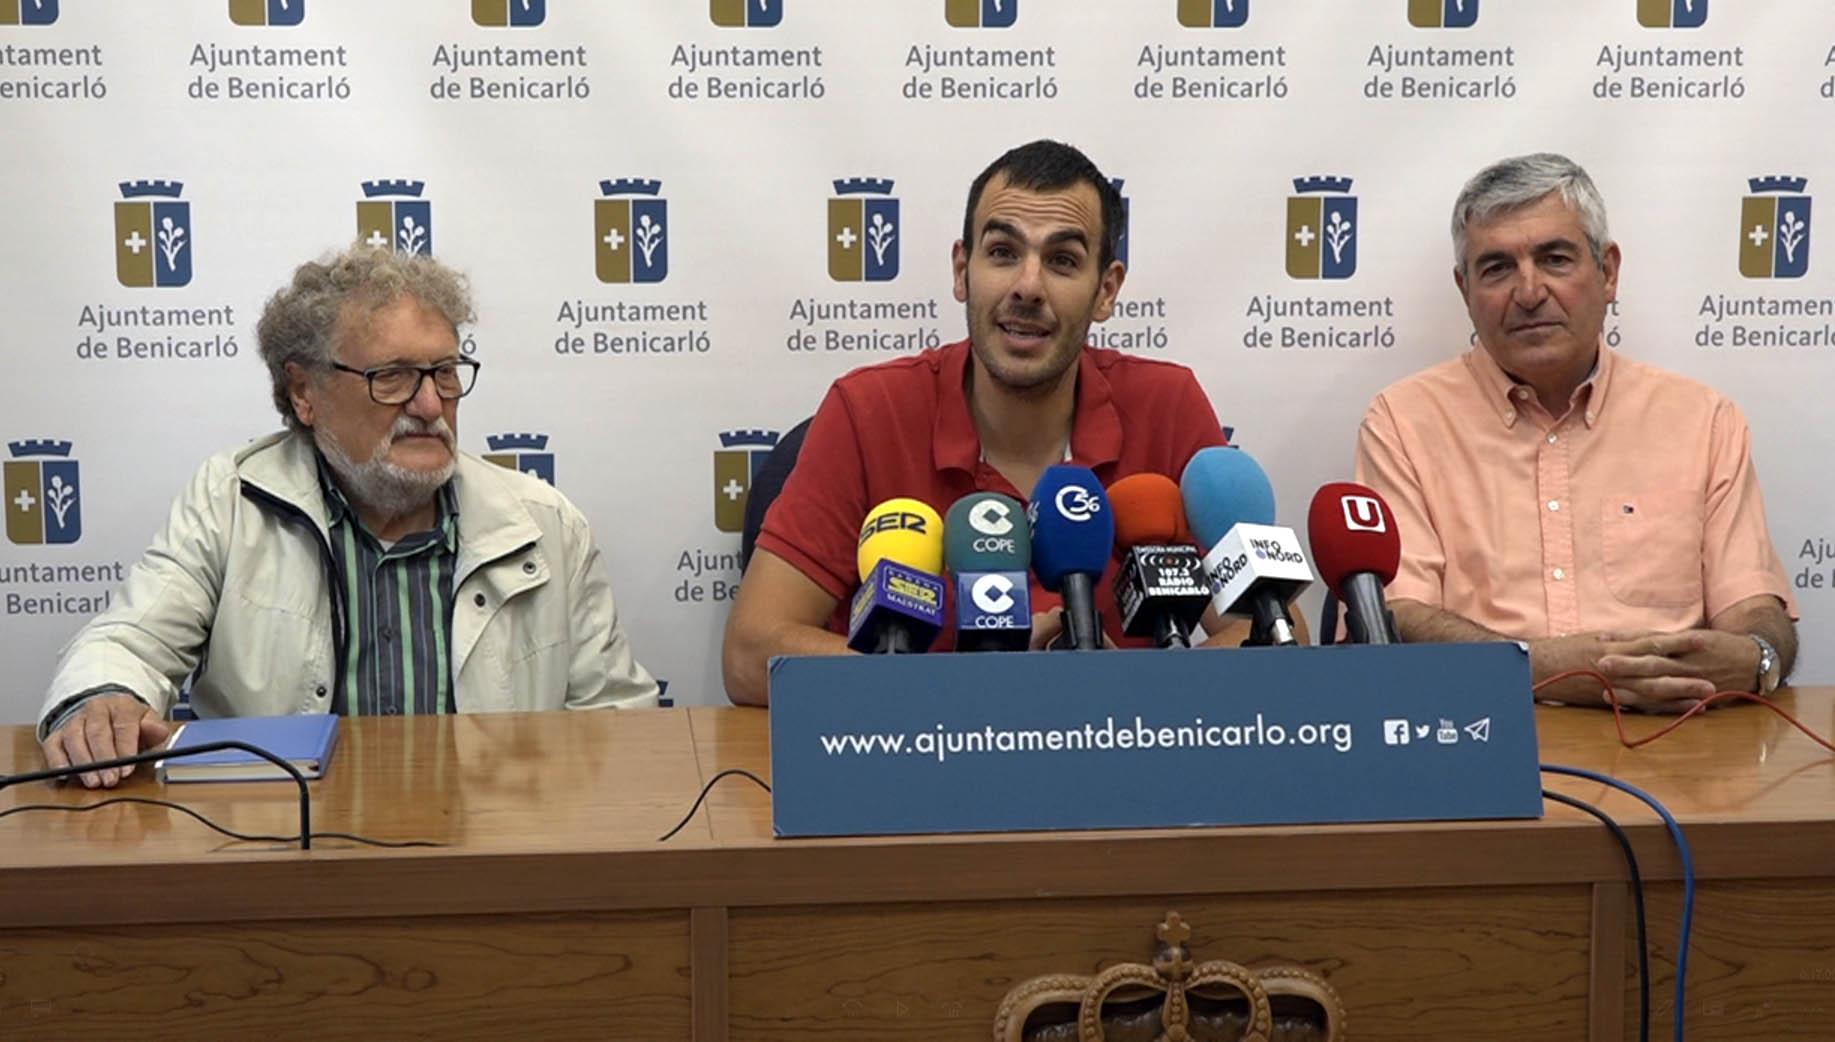 Benicarló, la Unió Ciclista anuncia el fi de la Ronda del Maestrat per problemes econòmics i burocràtics